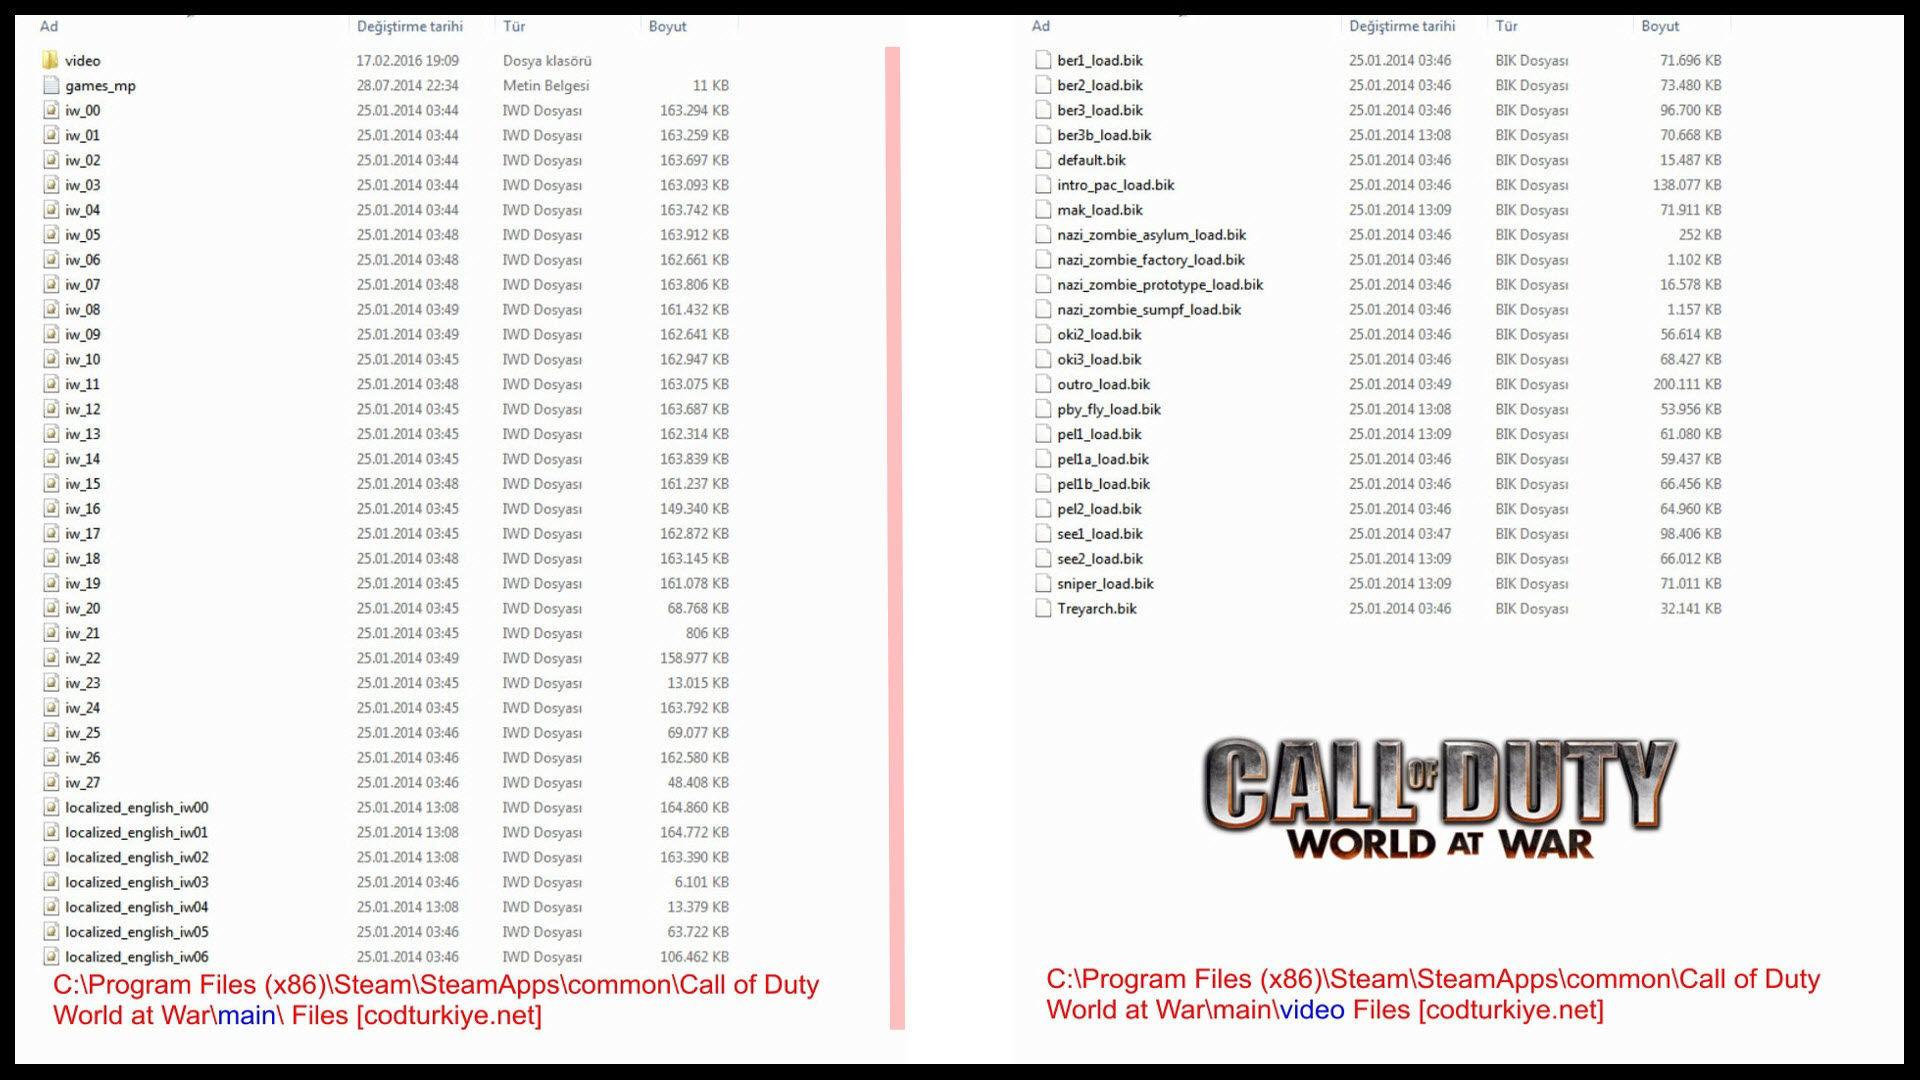 Call of Duty 5 World At War Main ve Video Klasörlerindeki Dosya Özellikleri